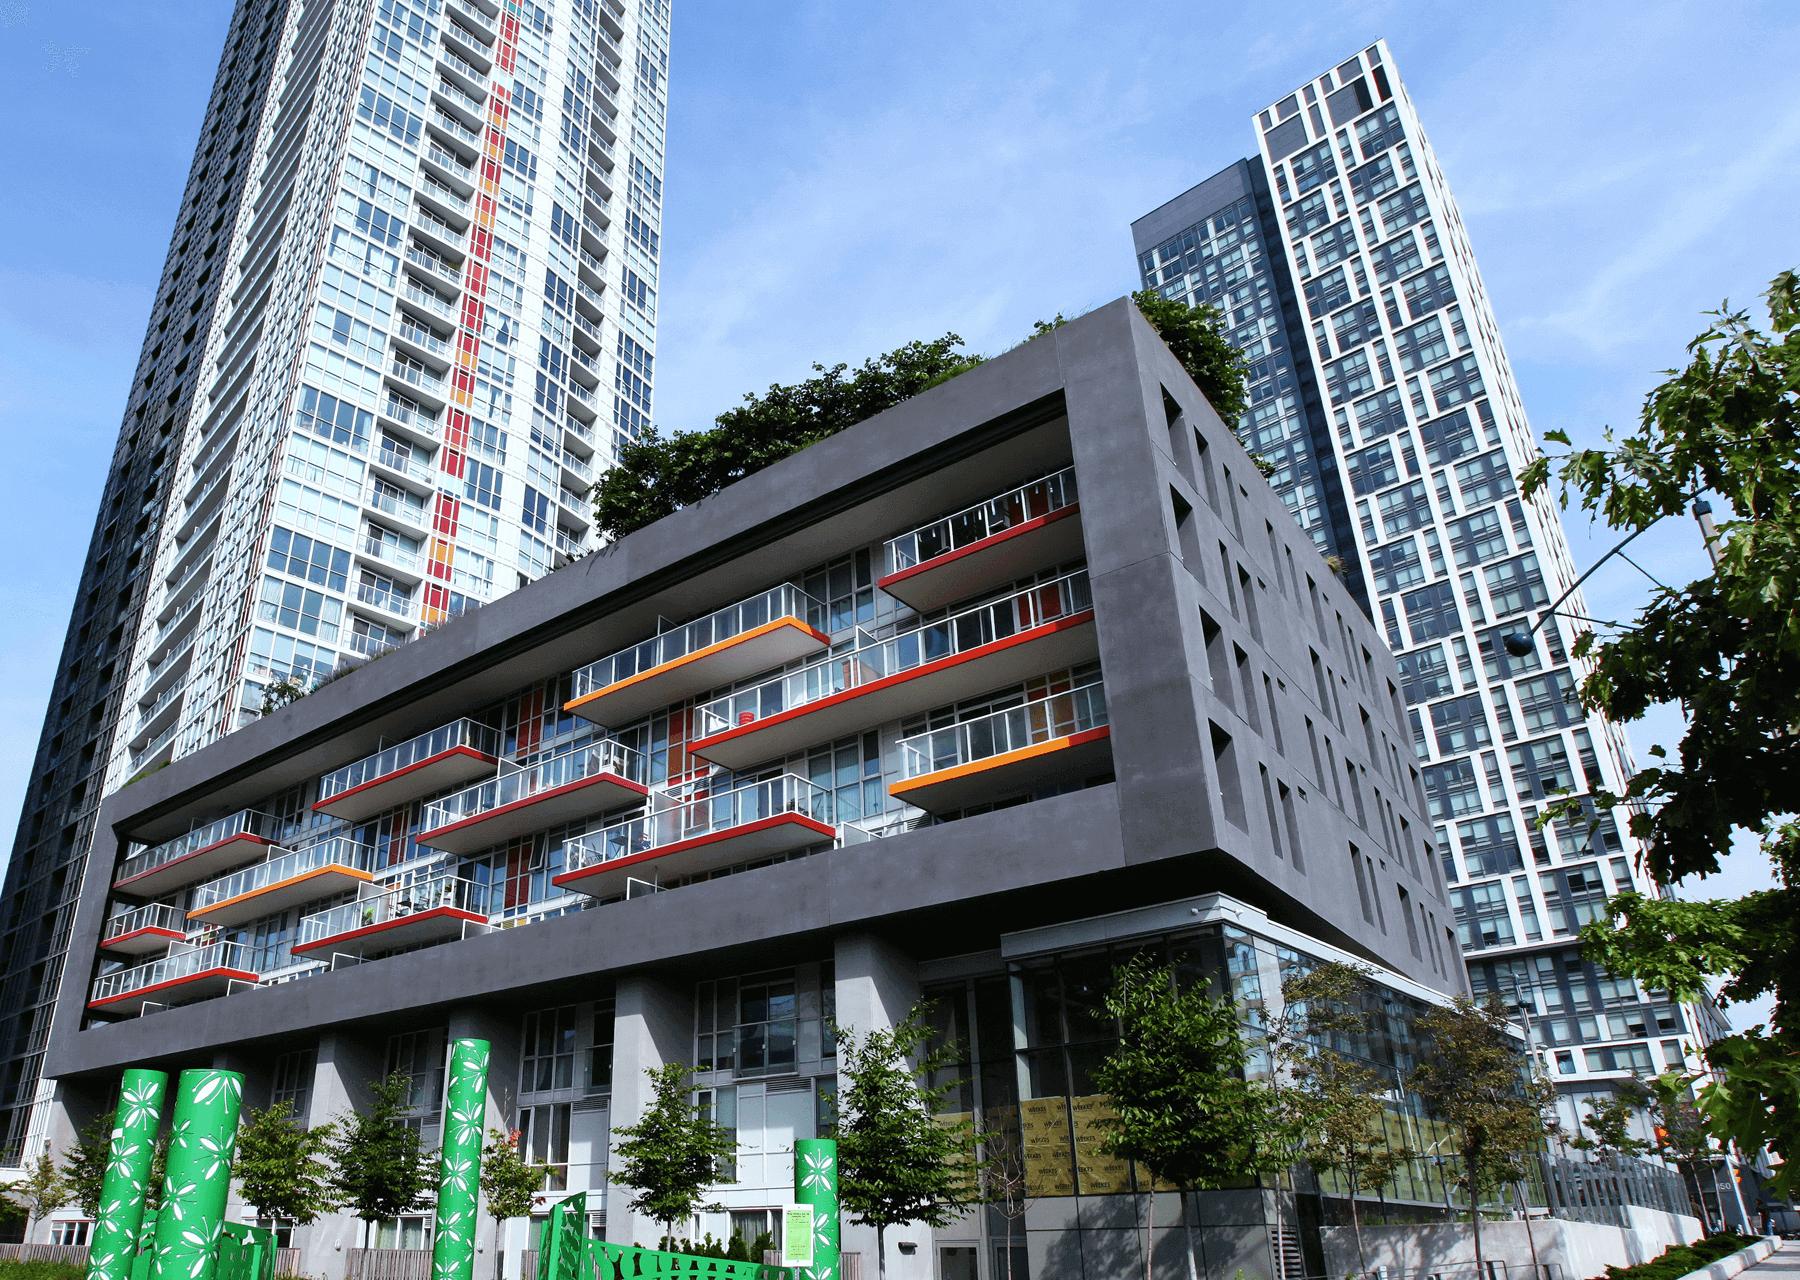 Concord City Building